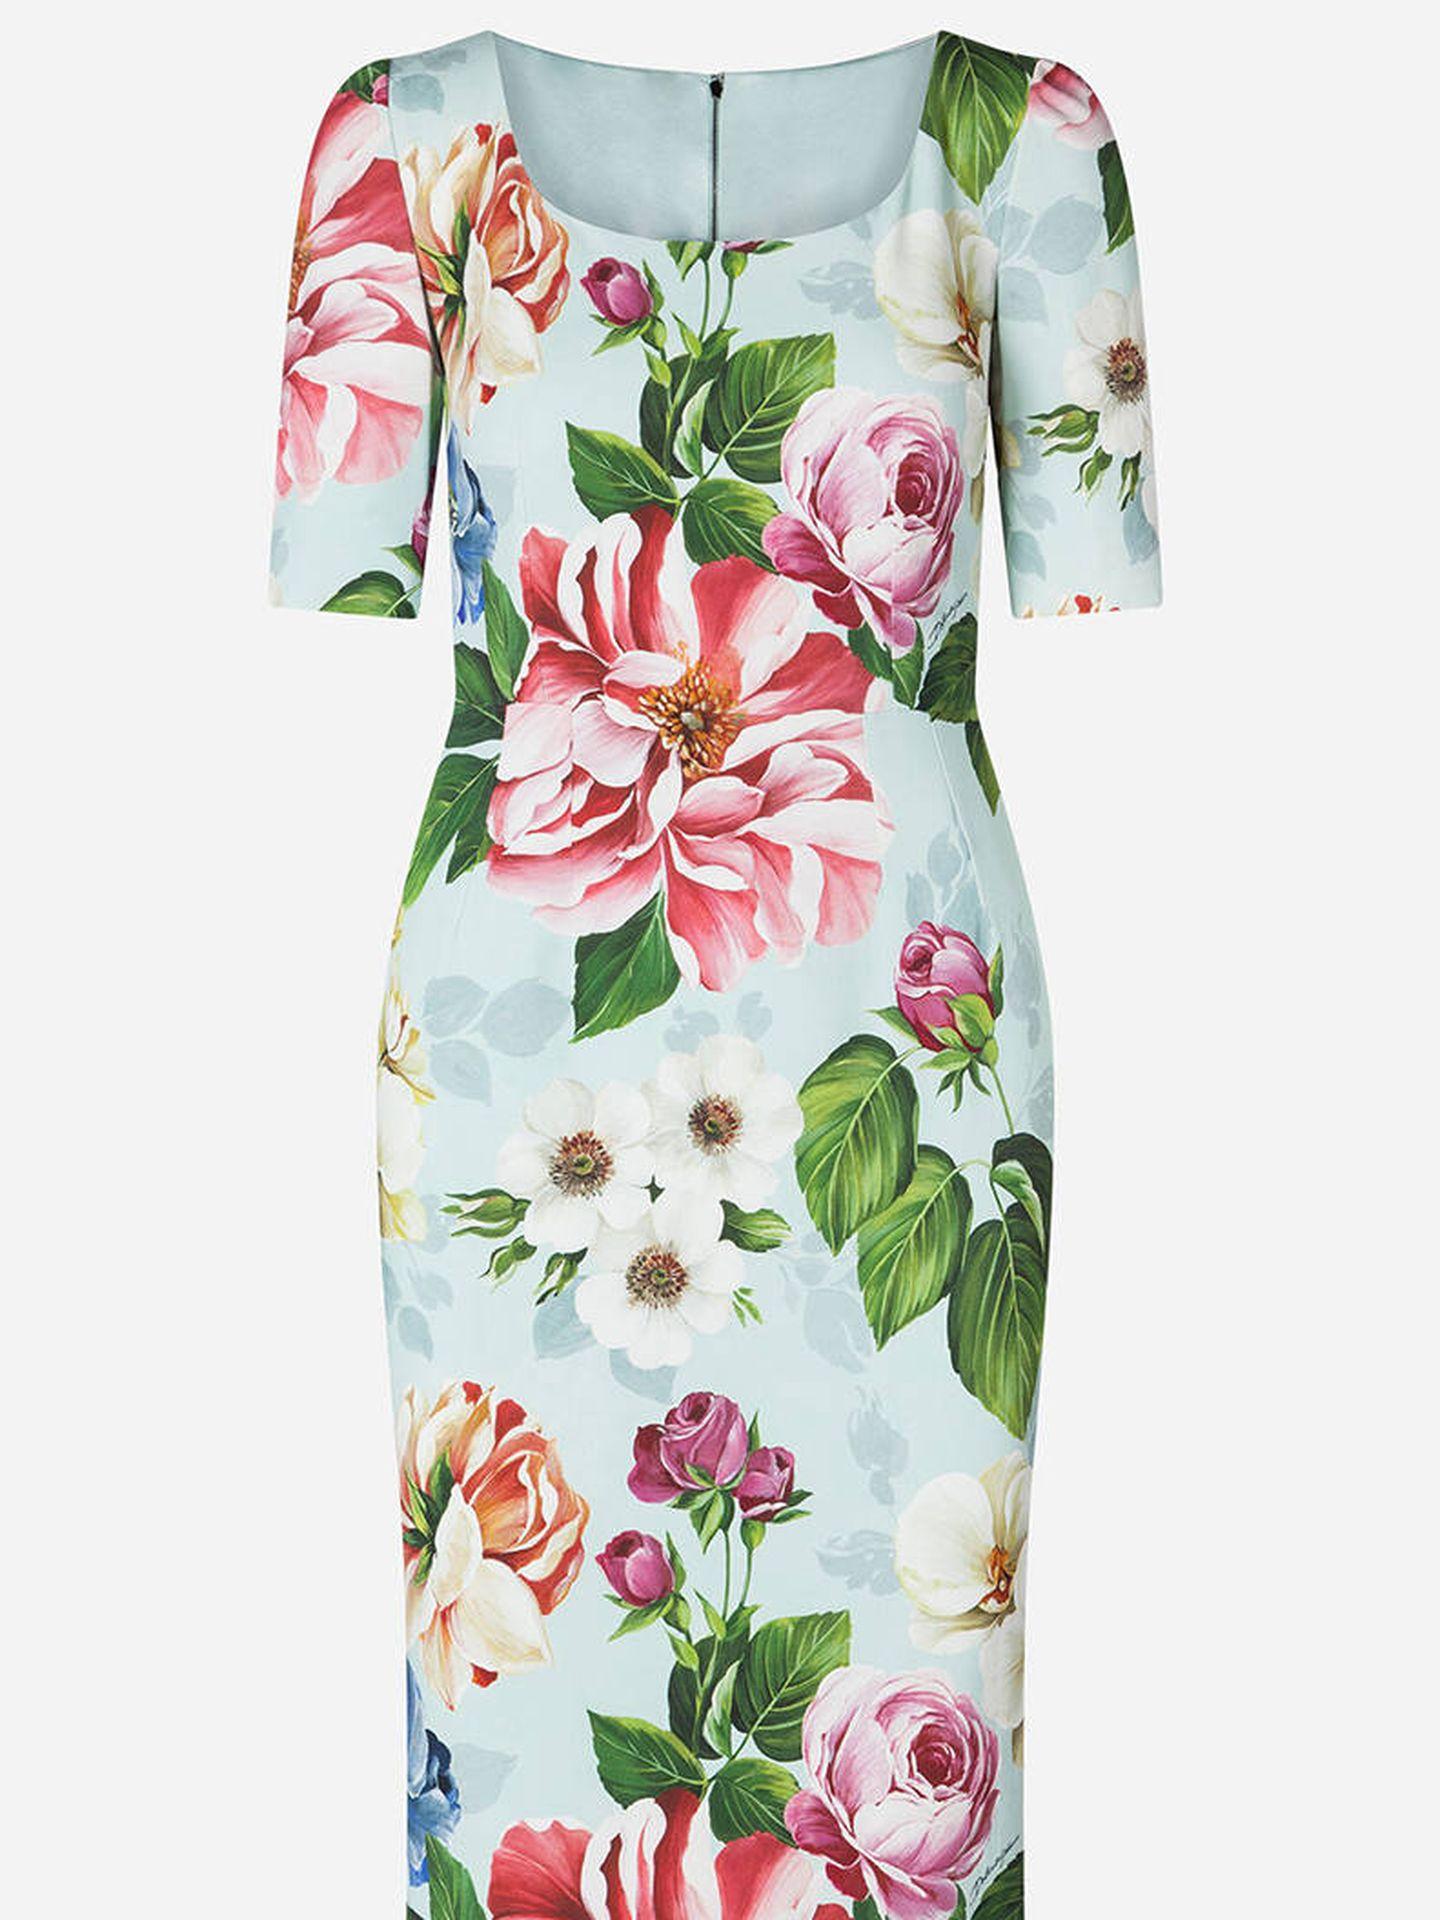 El vestido de la polémica. (Dolce & Gabbana)